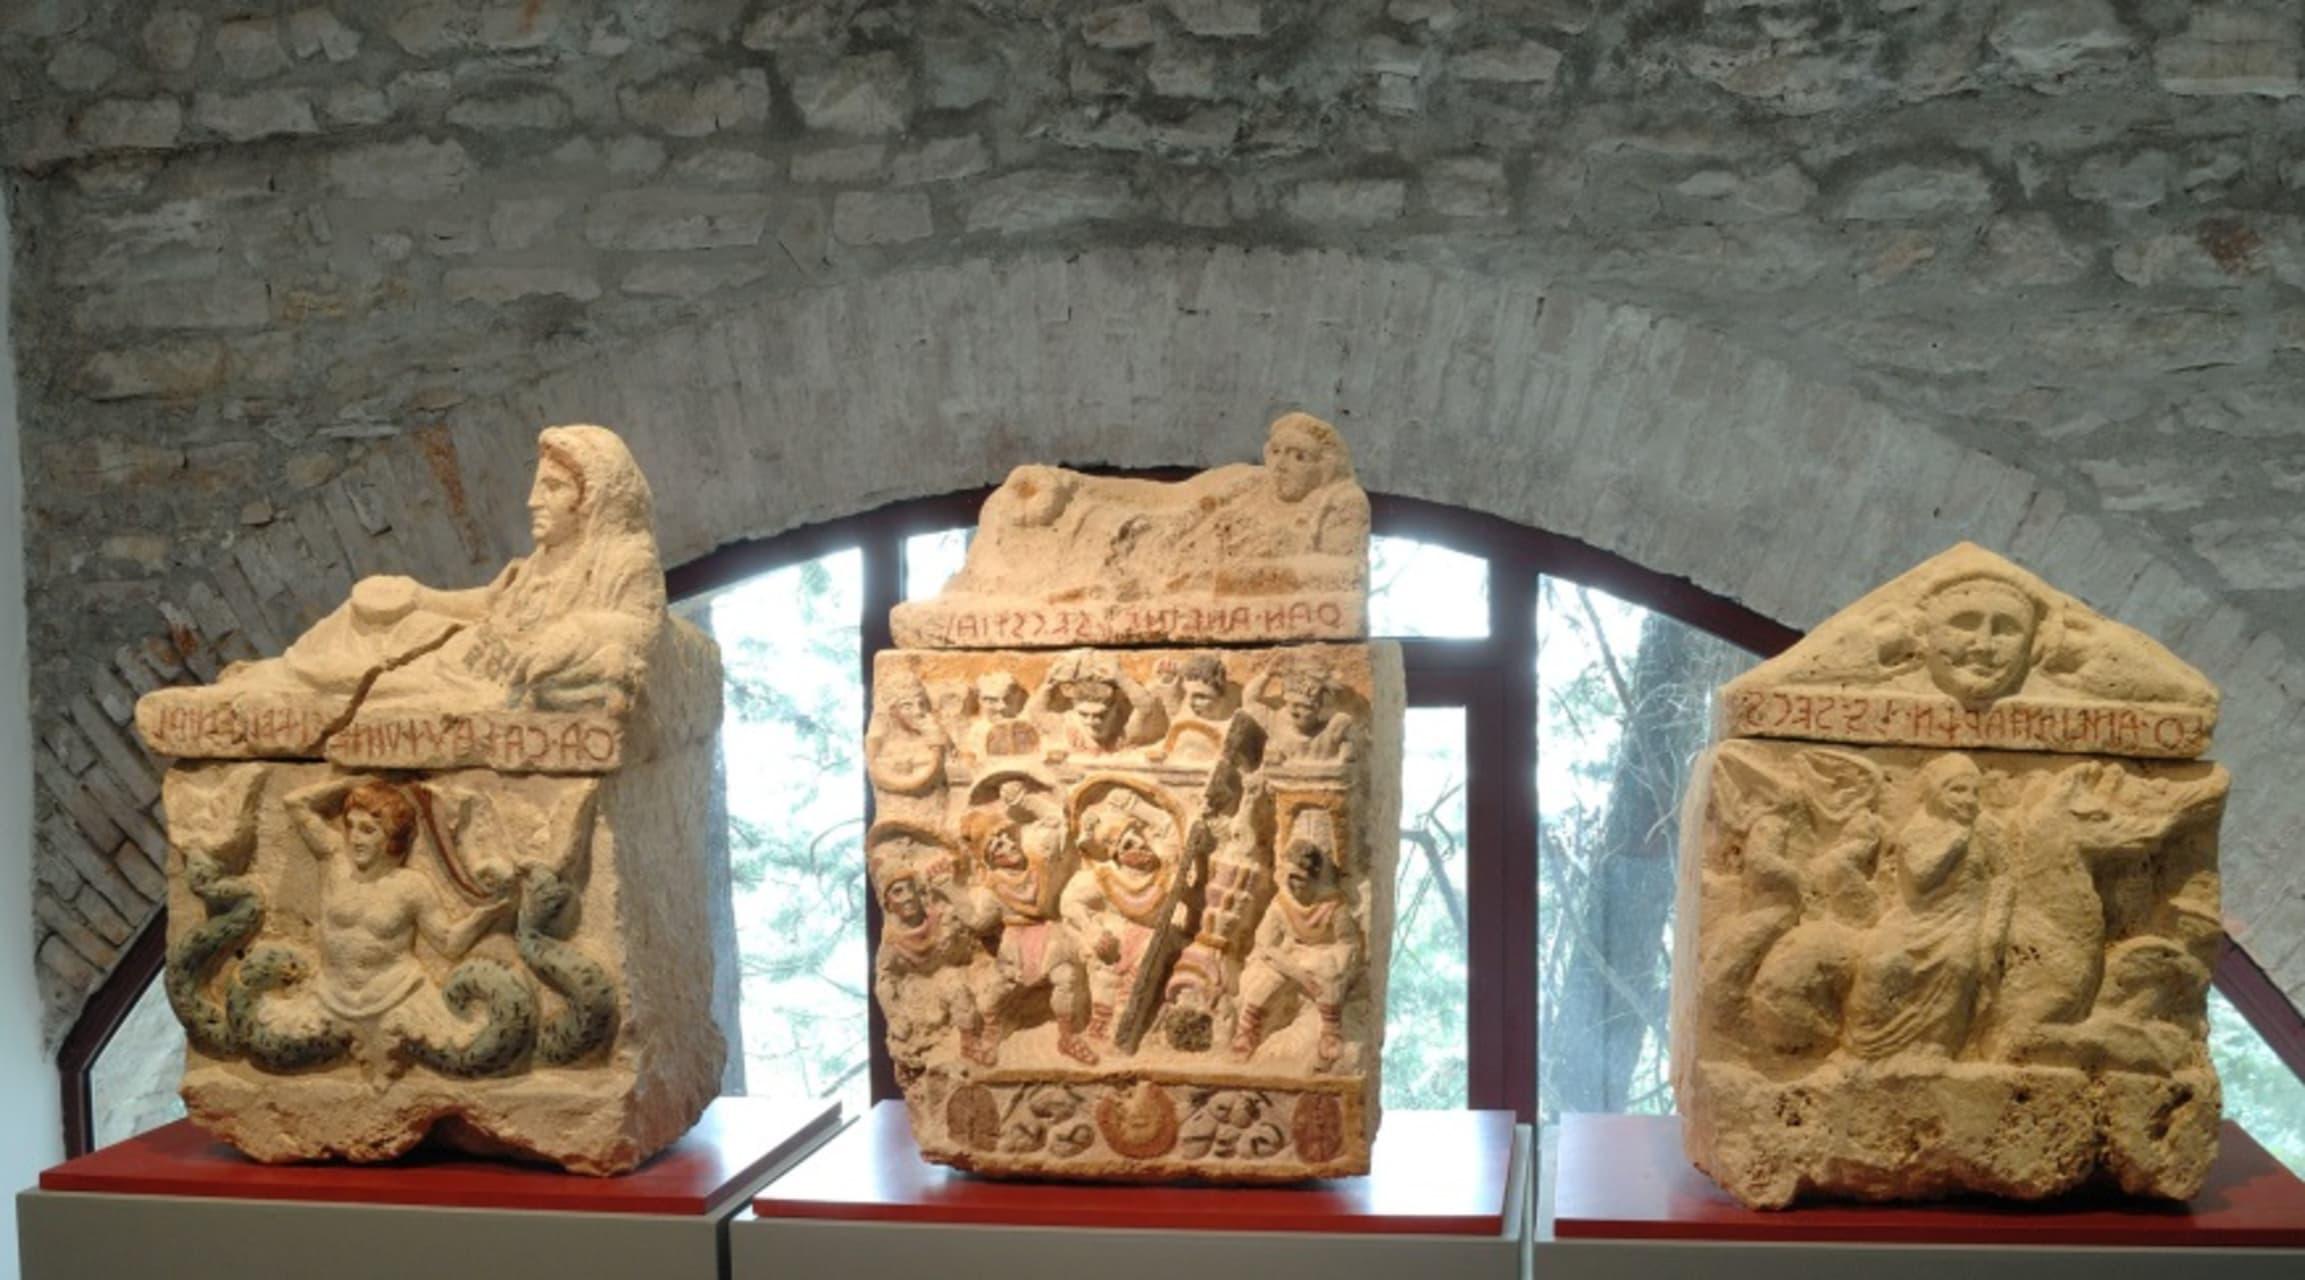 Umbria - Etruscan Tour - Visit of the Antiquarium in Corciano